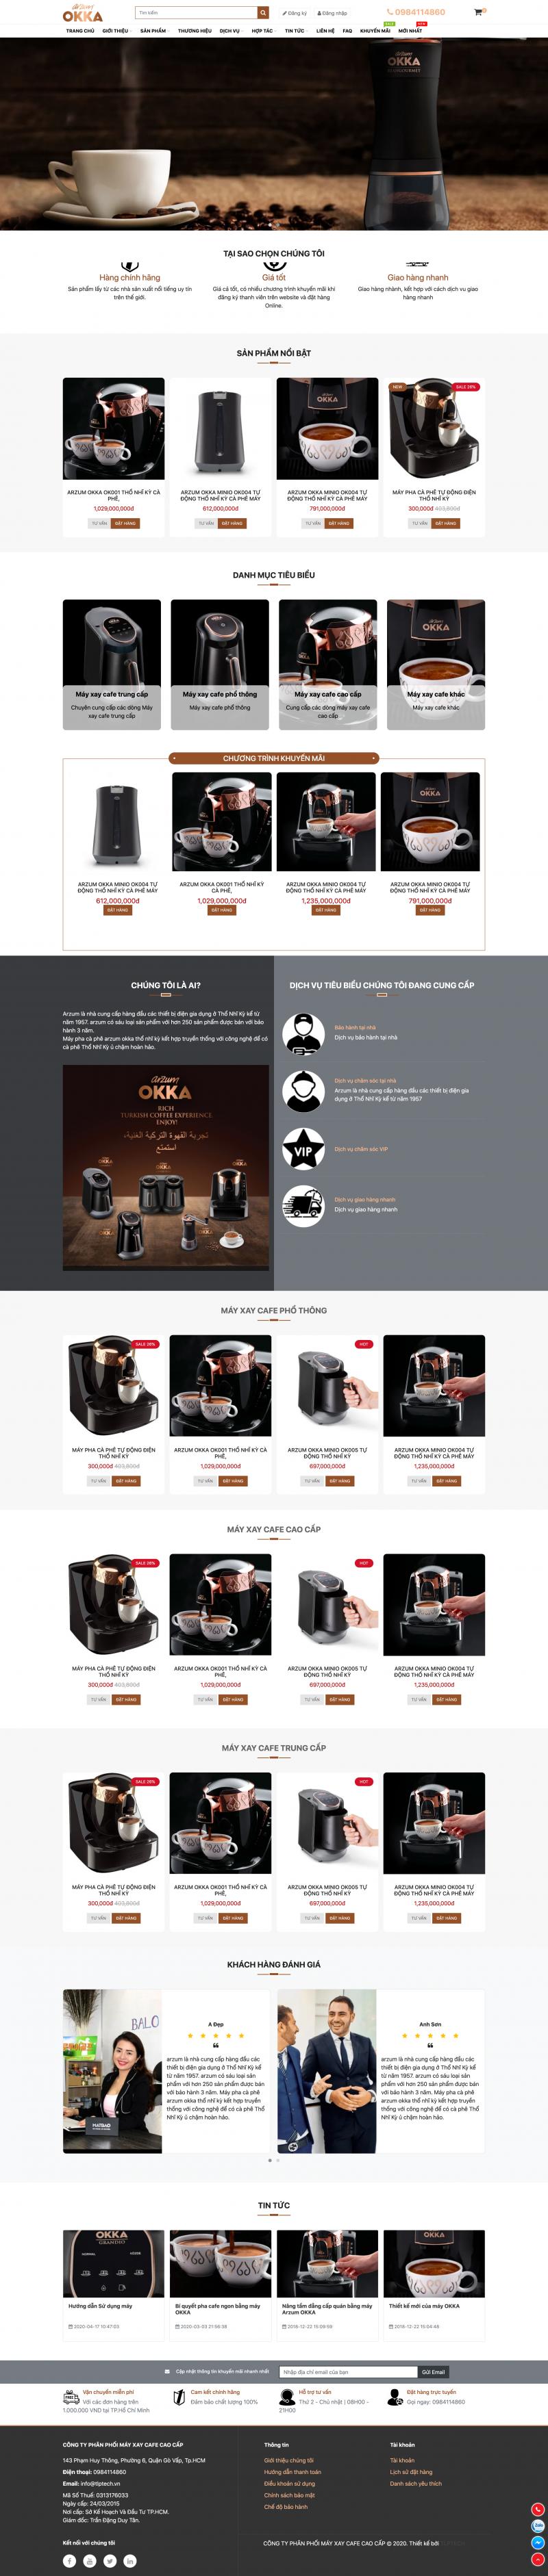 Web1 - thiết kế web bán máy xay cafe